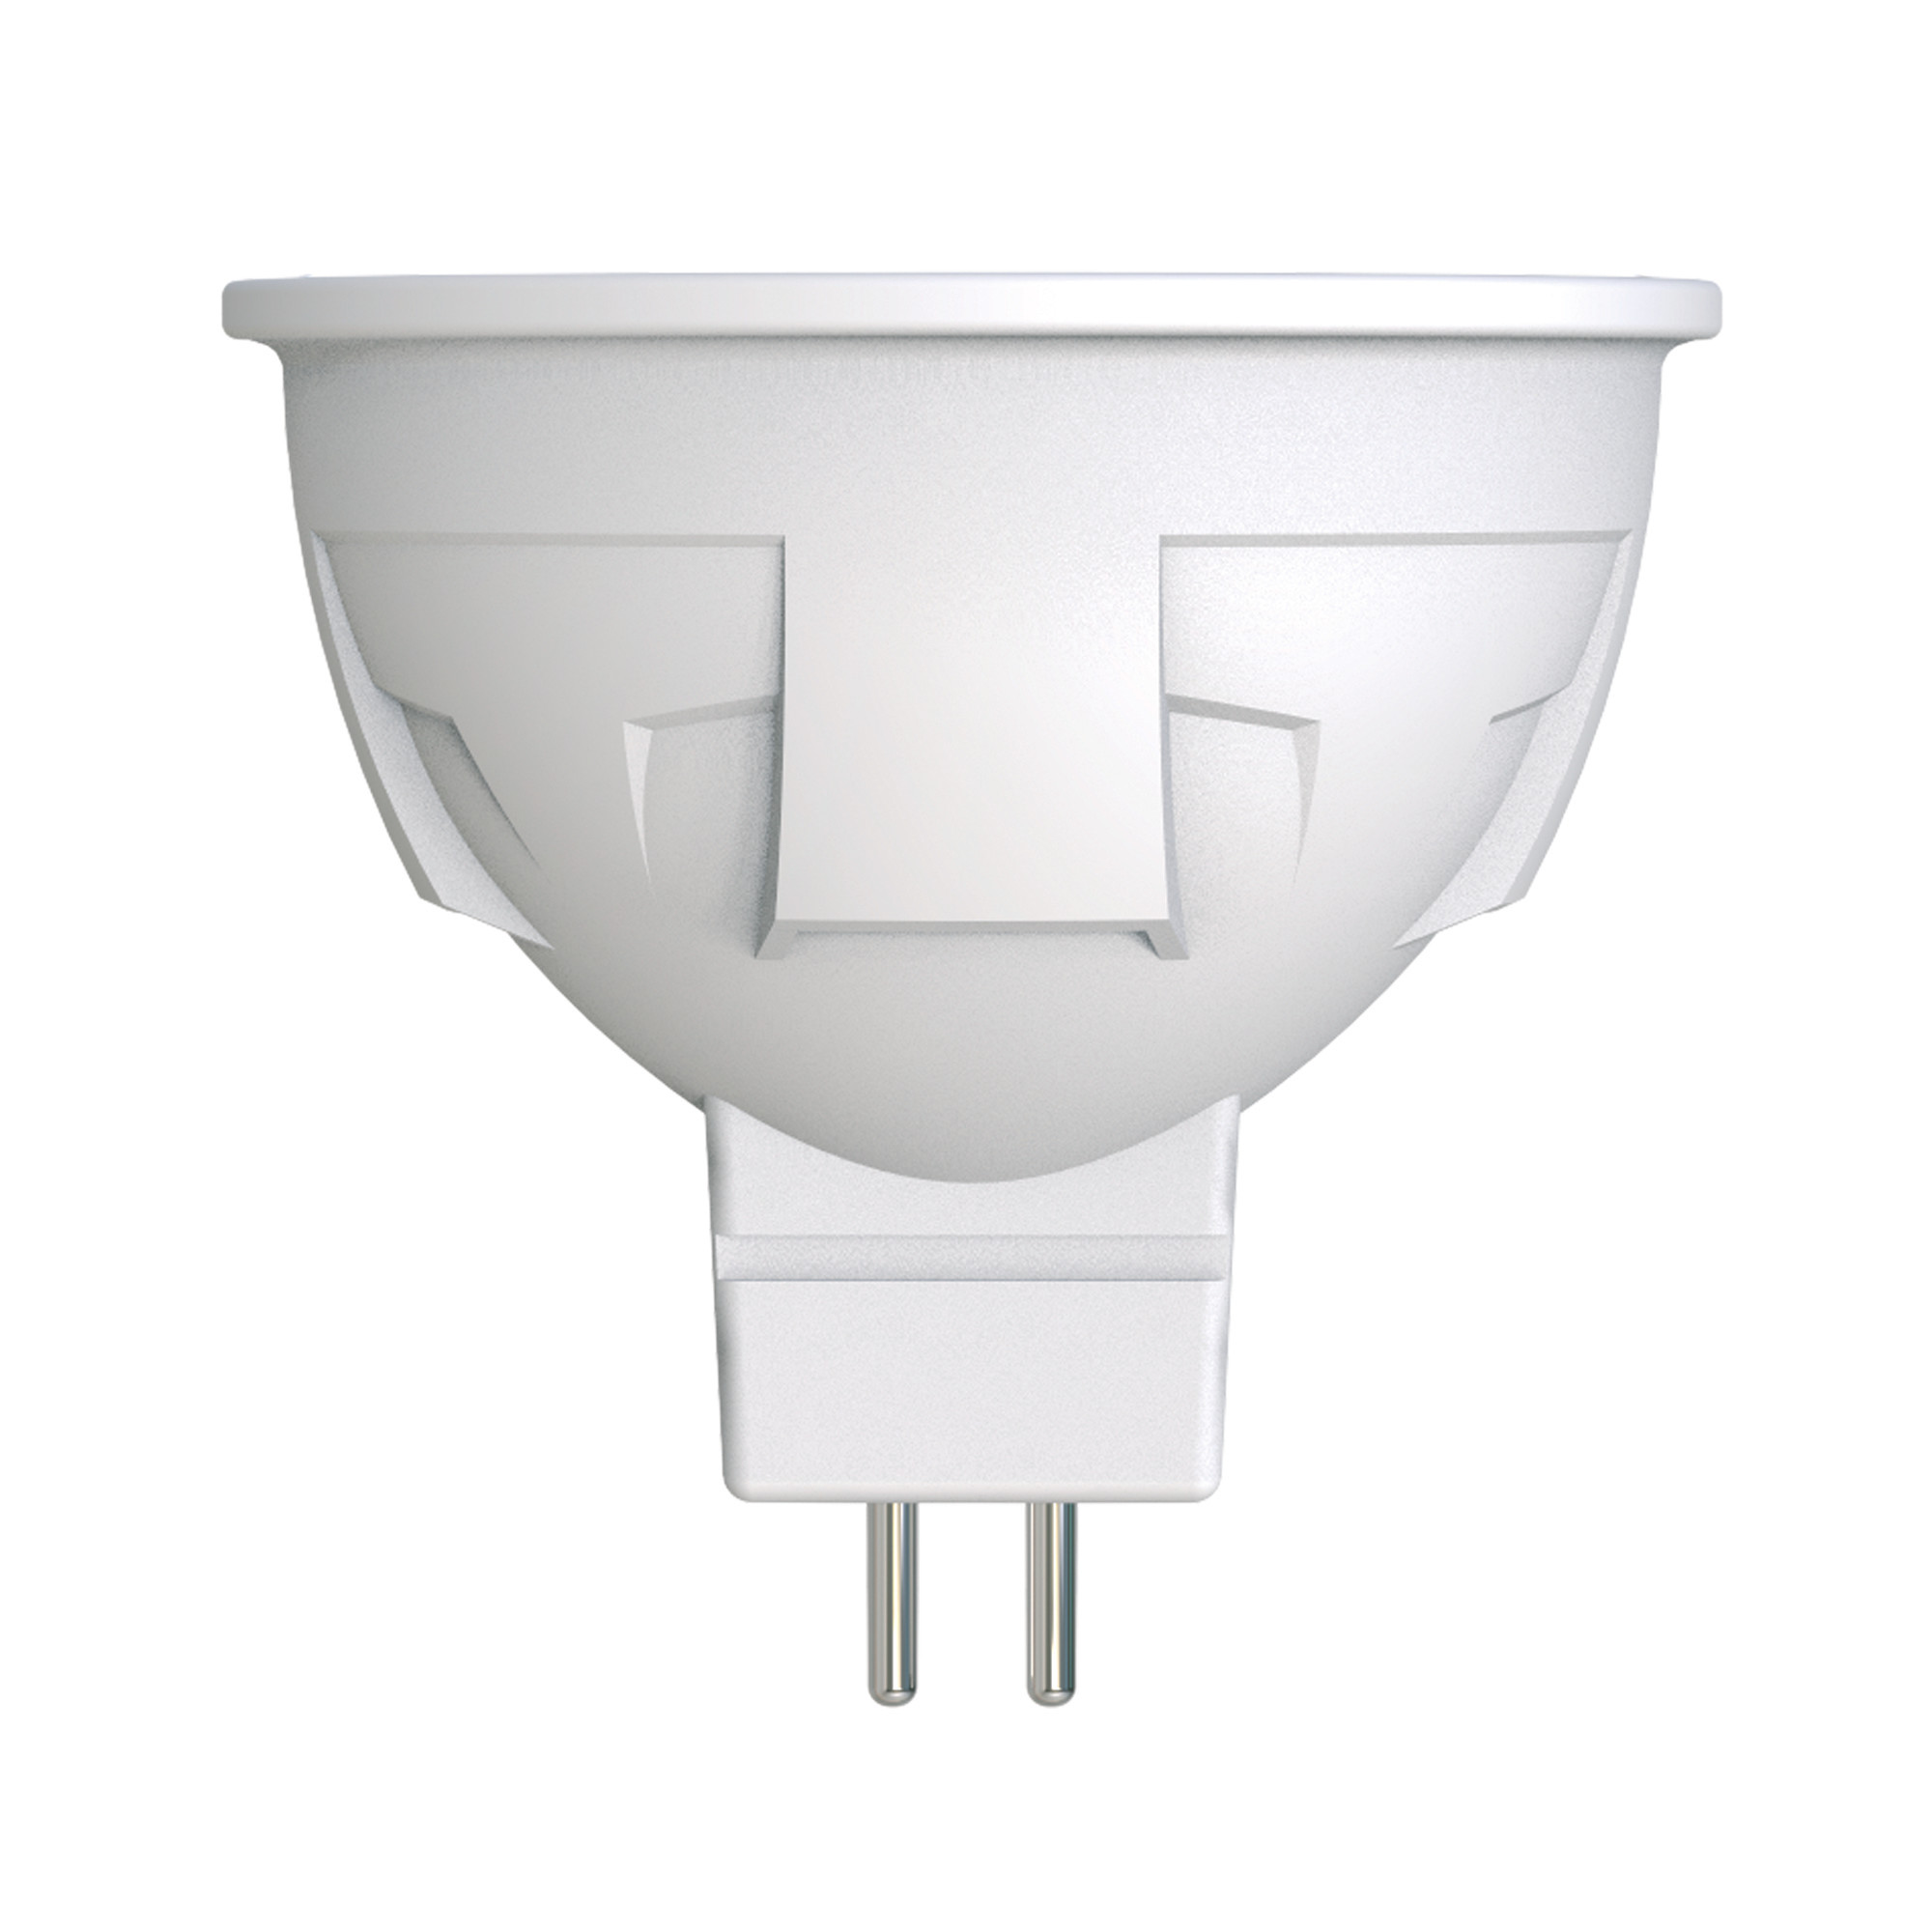 Лампа светодиодная «Яркая» GU5.3 220 В 6 Вт спот матовый 500 лм тёплый белый свет для диммера